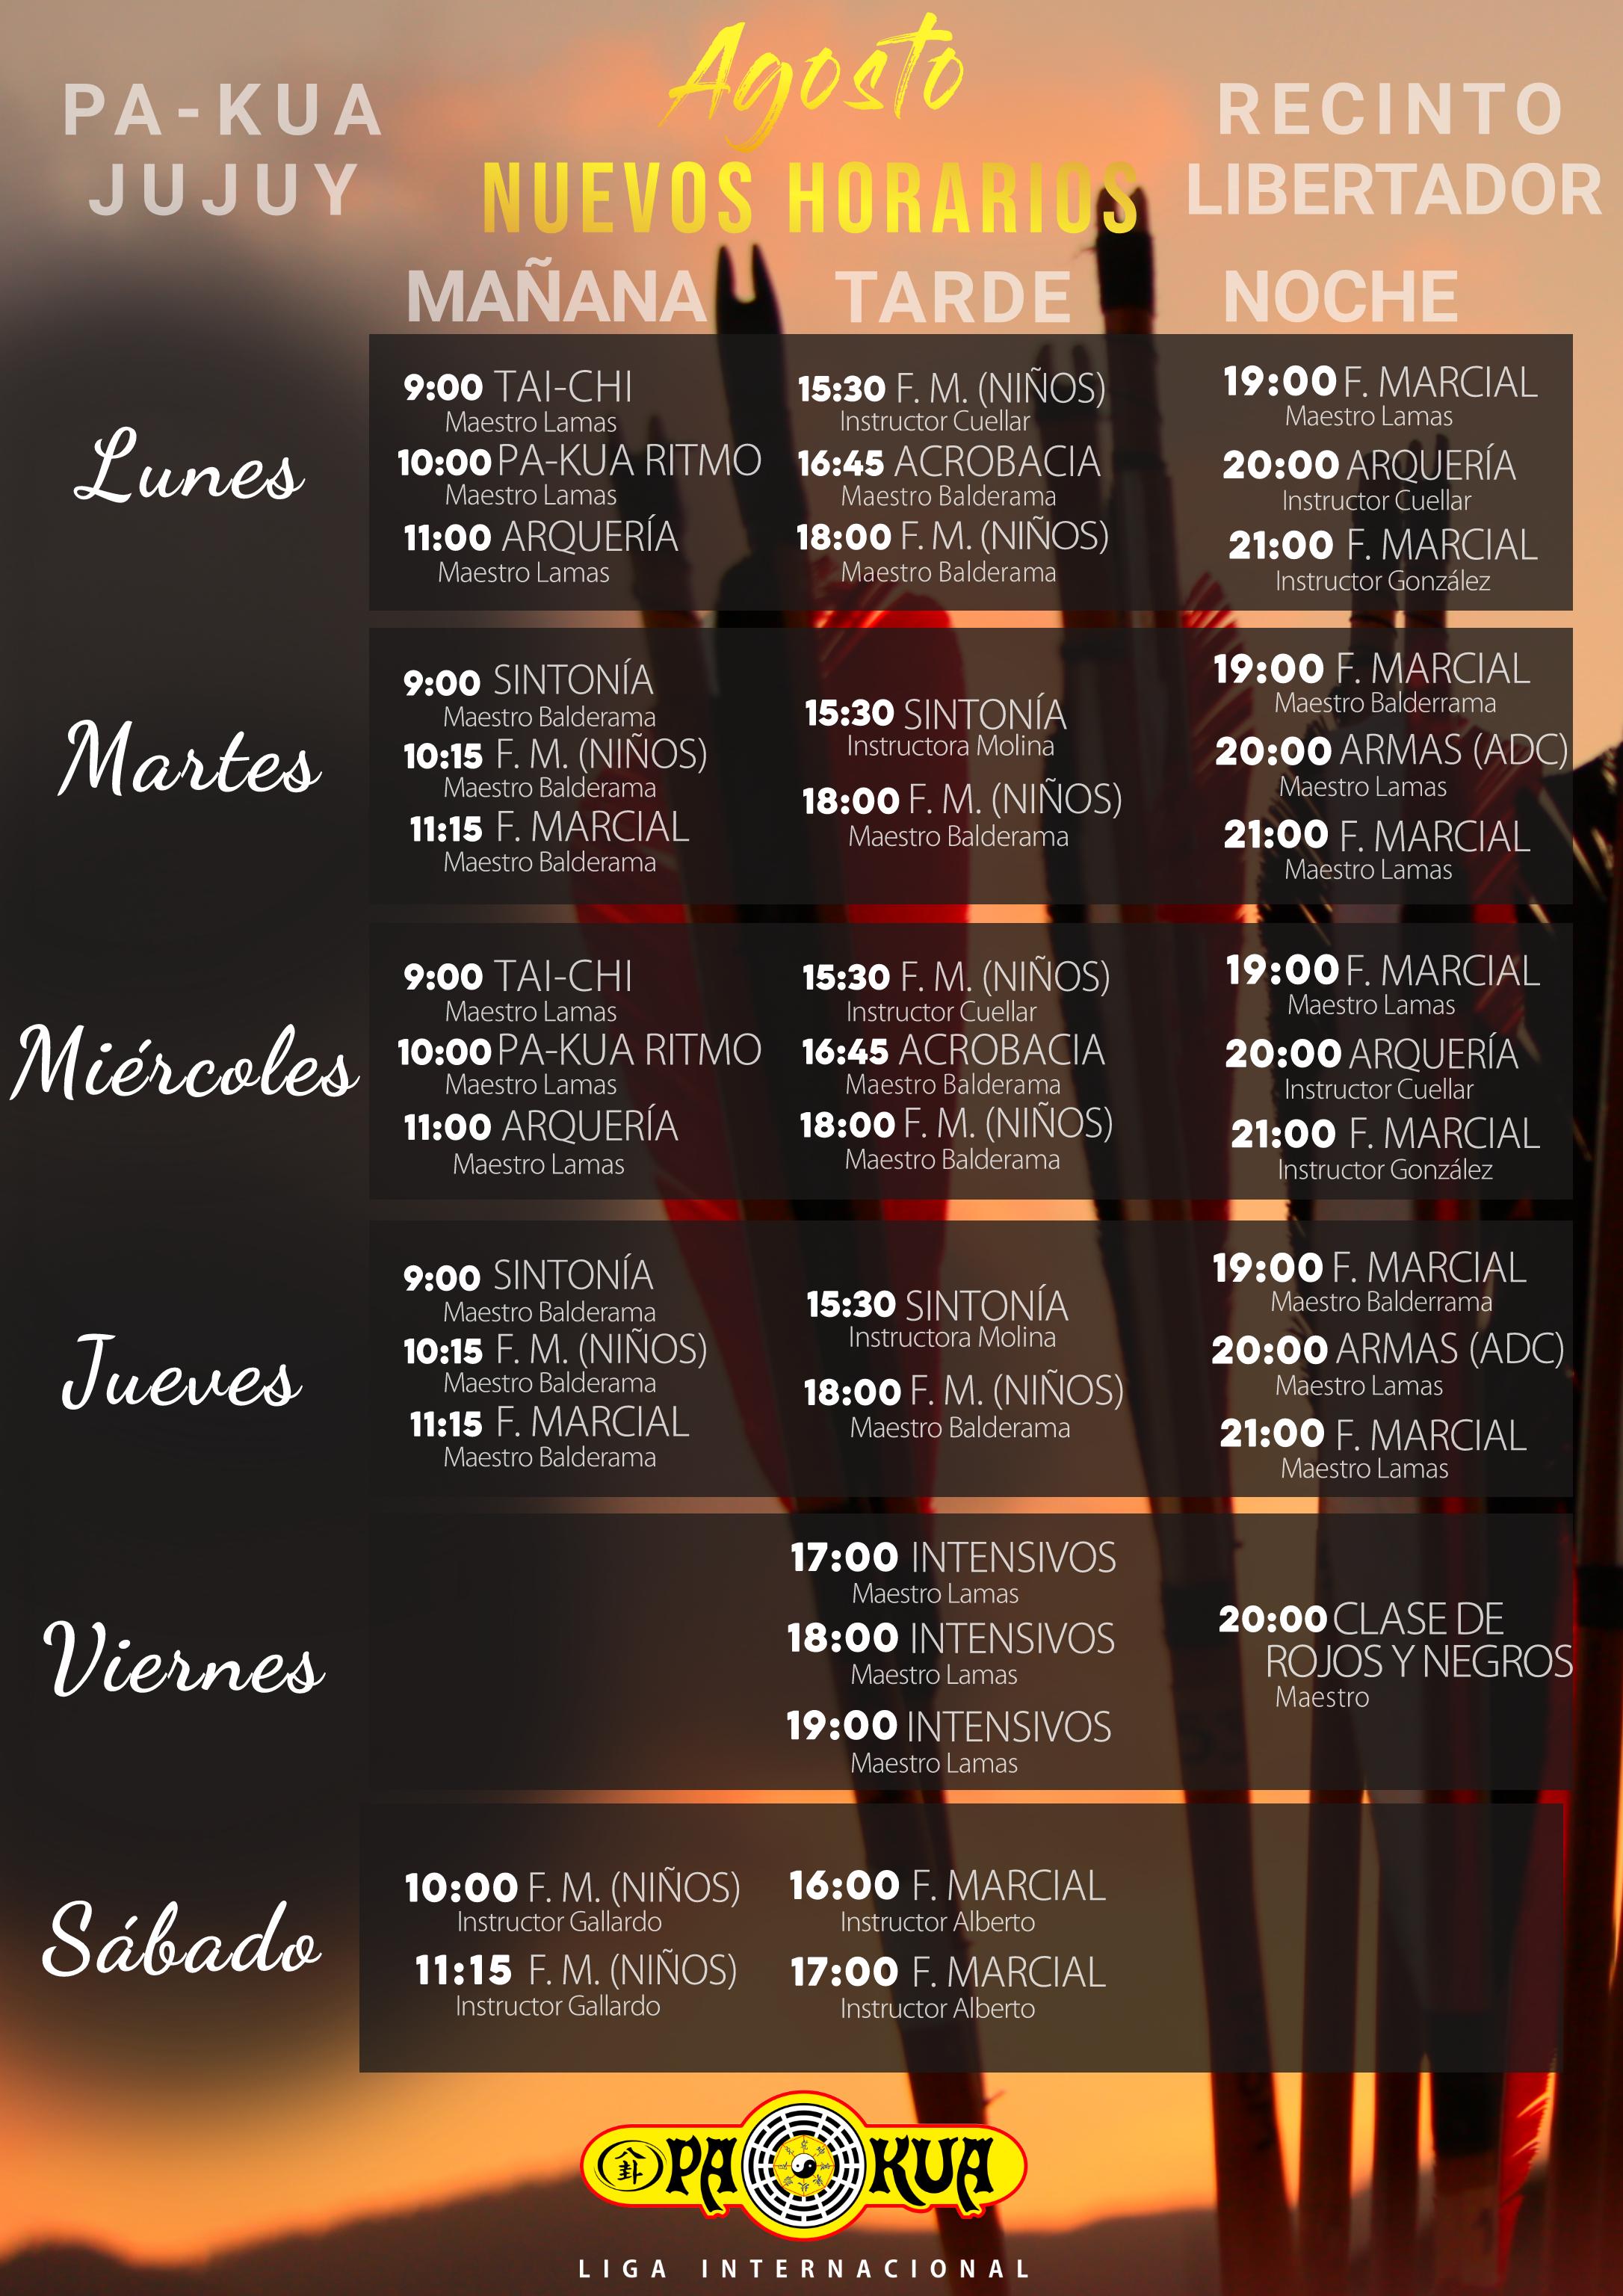 Horarios-Agosto-Recinto-Libertador-2021